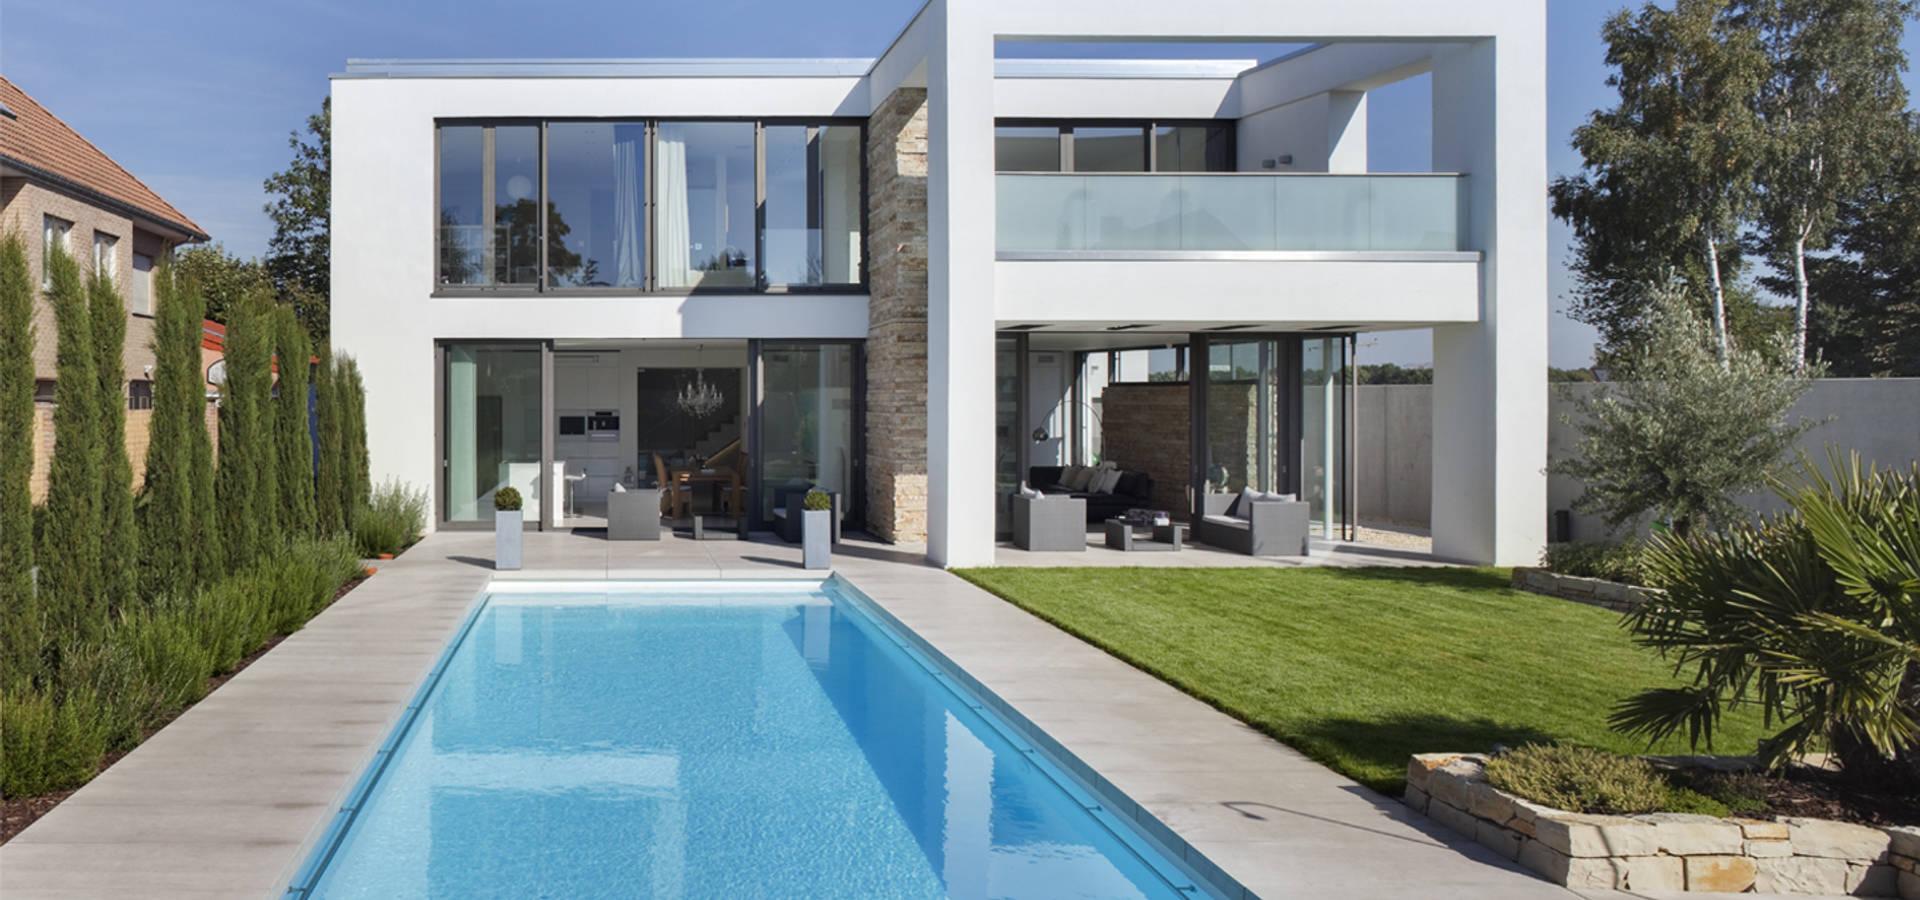 Haus s r srath hoffnungsthal par skandella architektur innenarchitektur homify - Maison s par domenack arquitectos ...